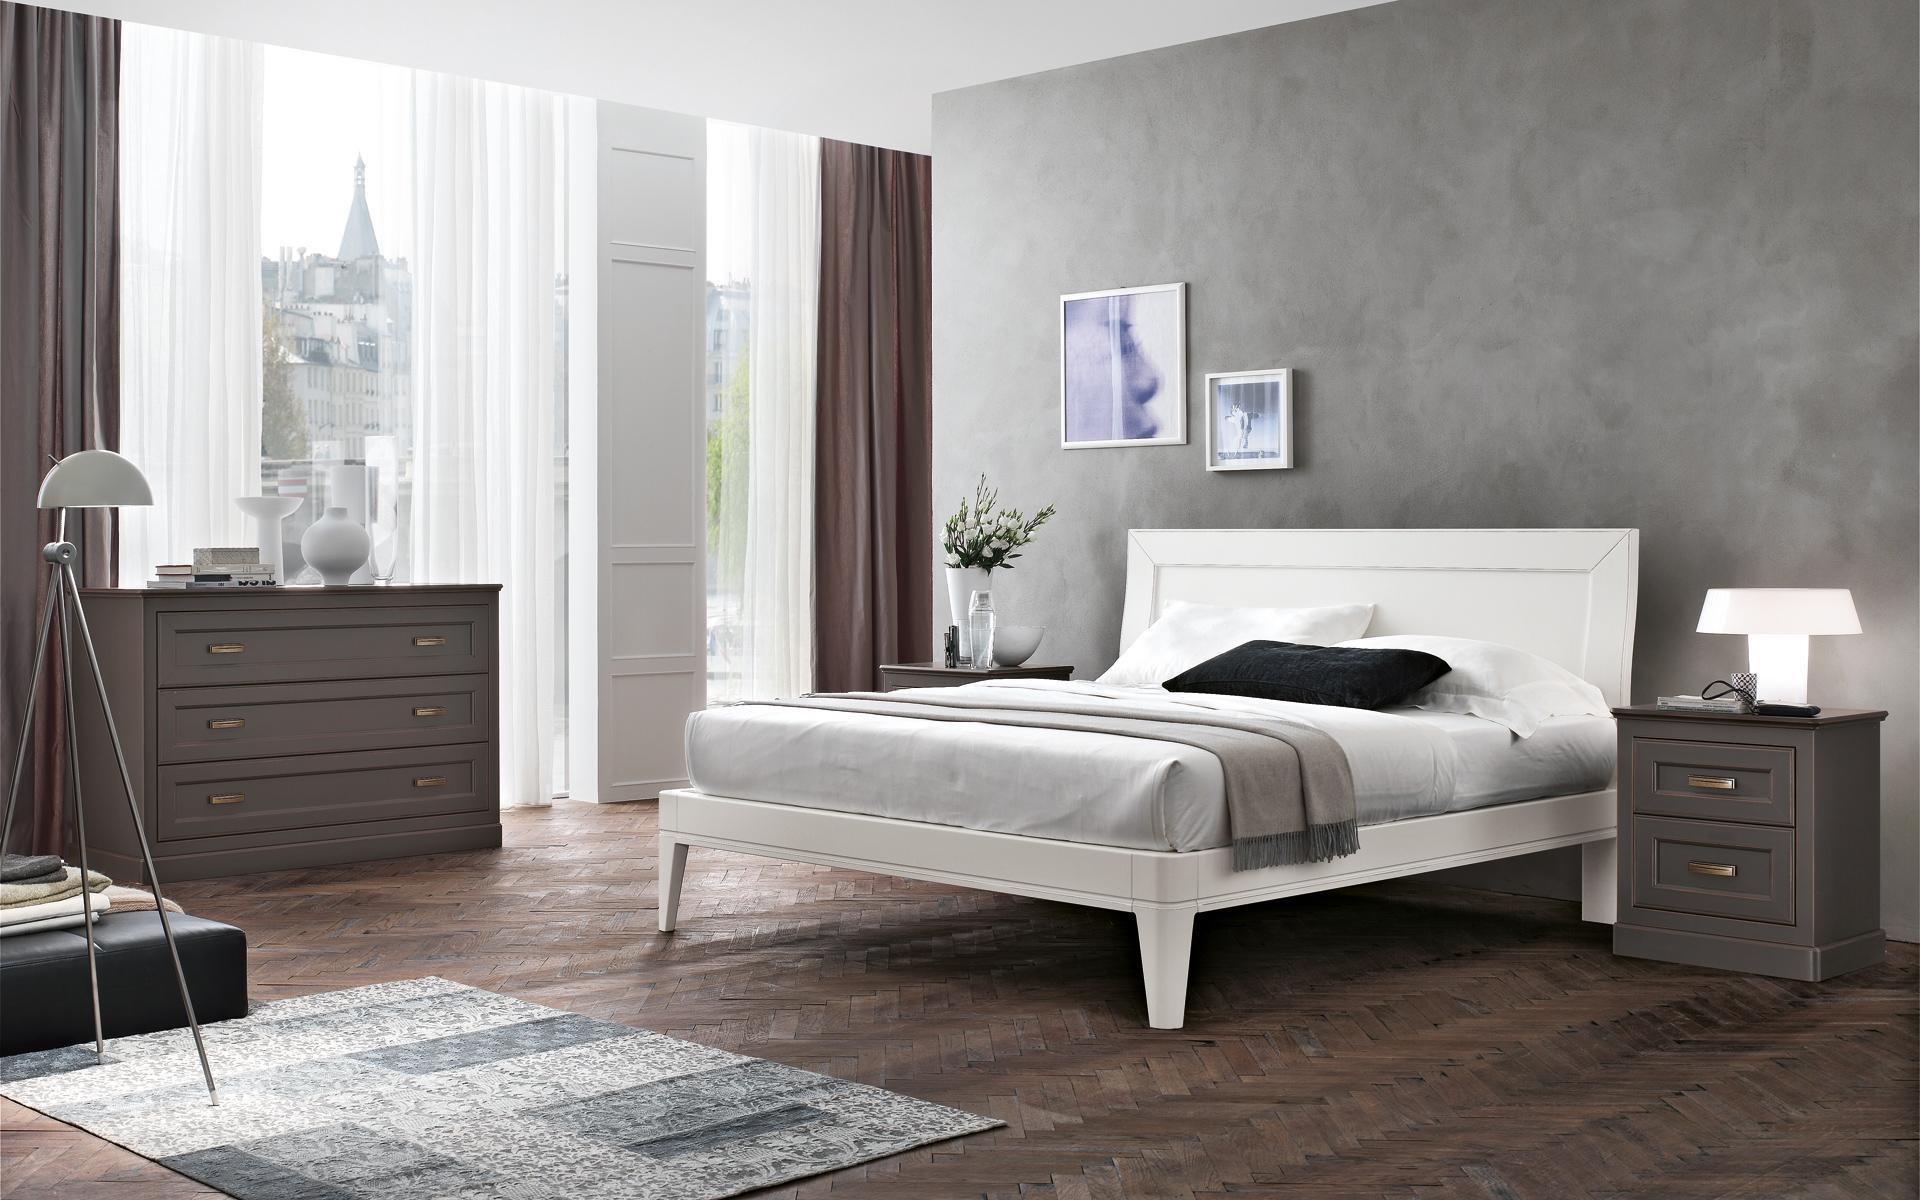 Camere da letto classiche torino sumisura fabbrica for Lube camere da letto